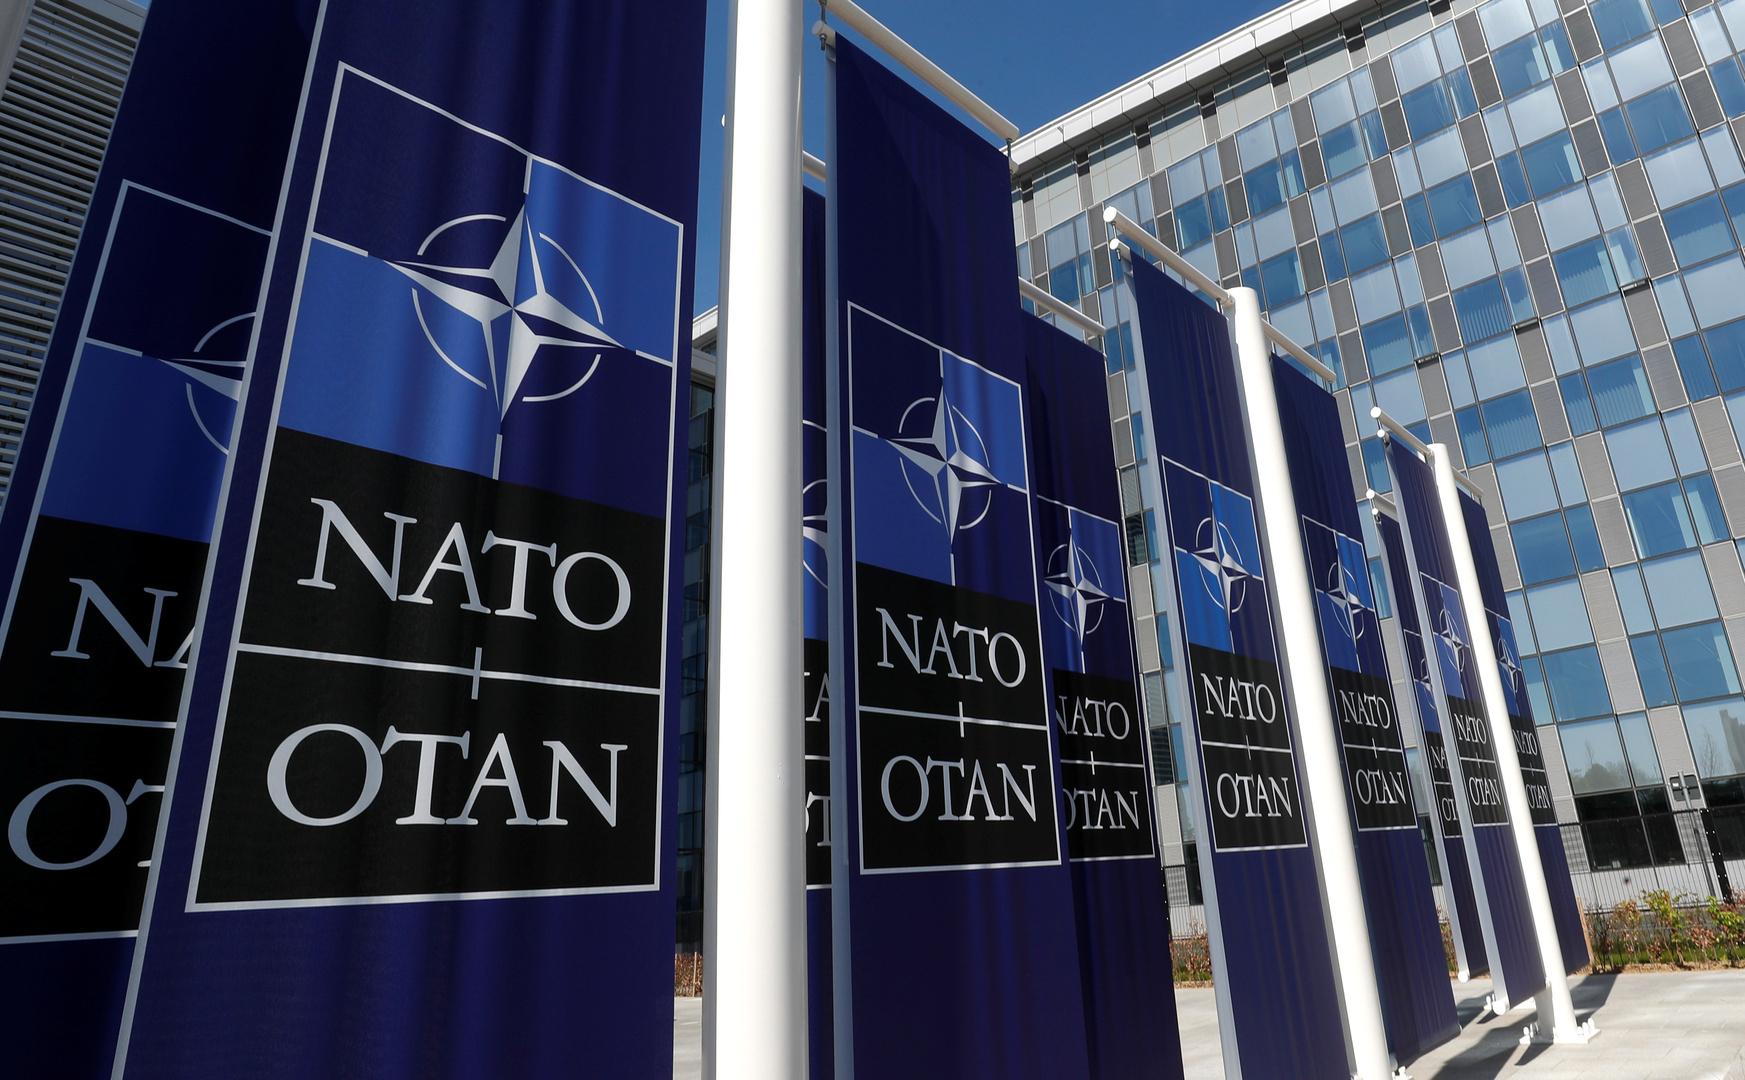 الناتو: ندعم تحقيق التشيك في أنشطة روسية